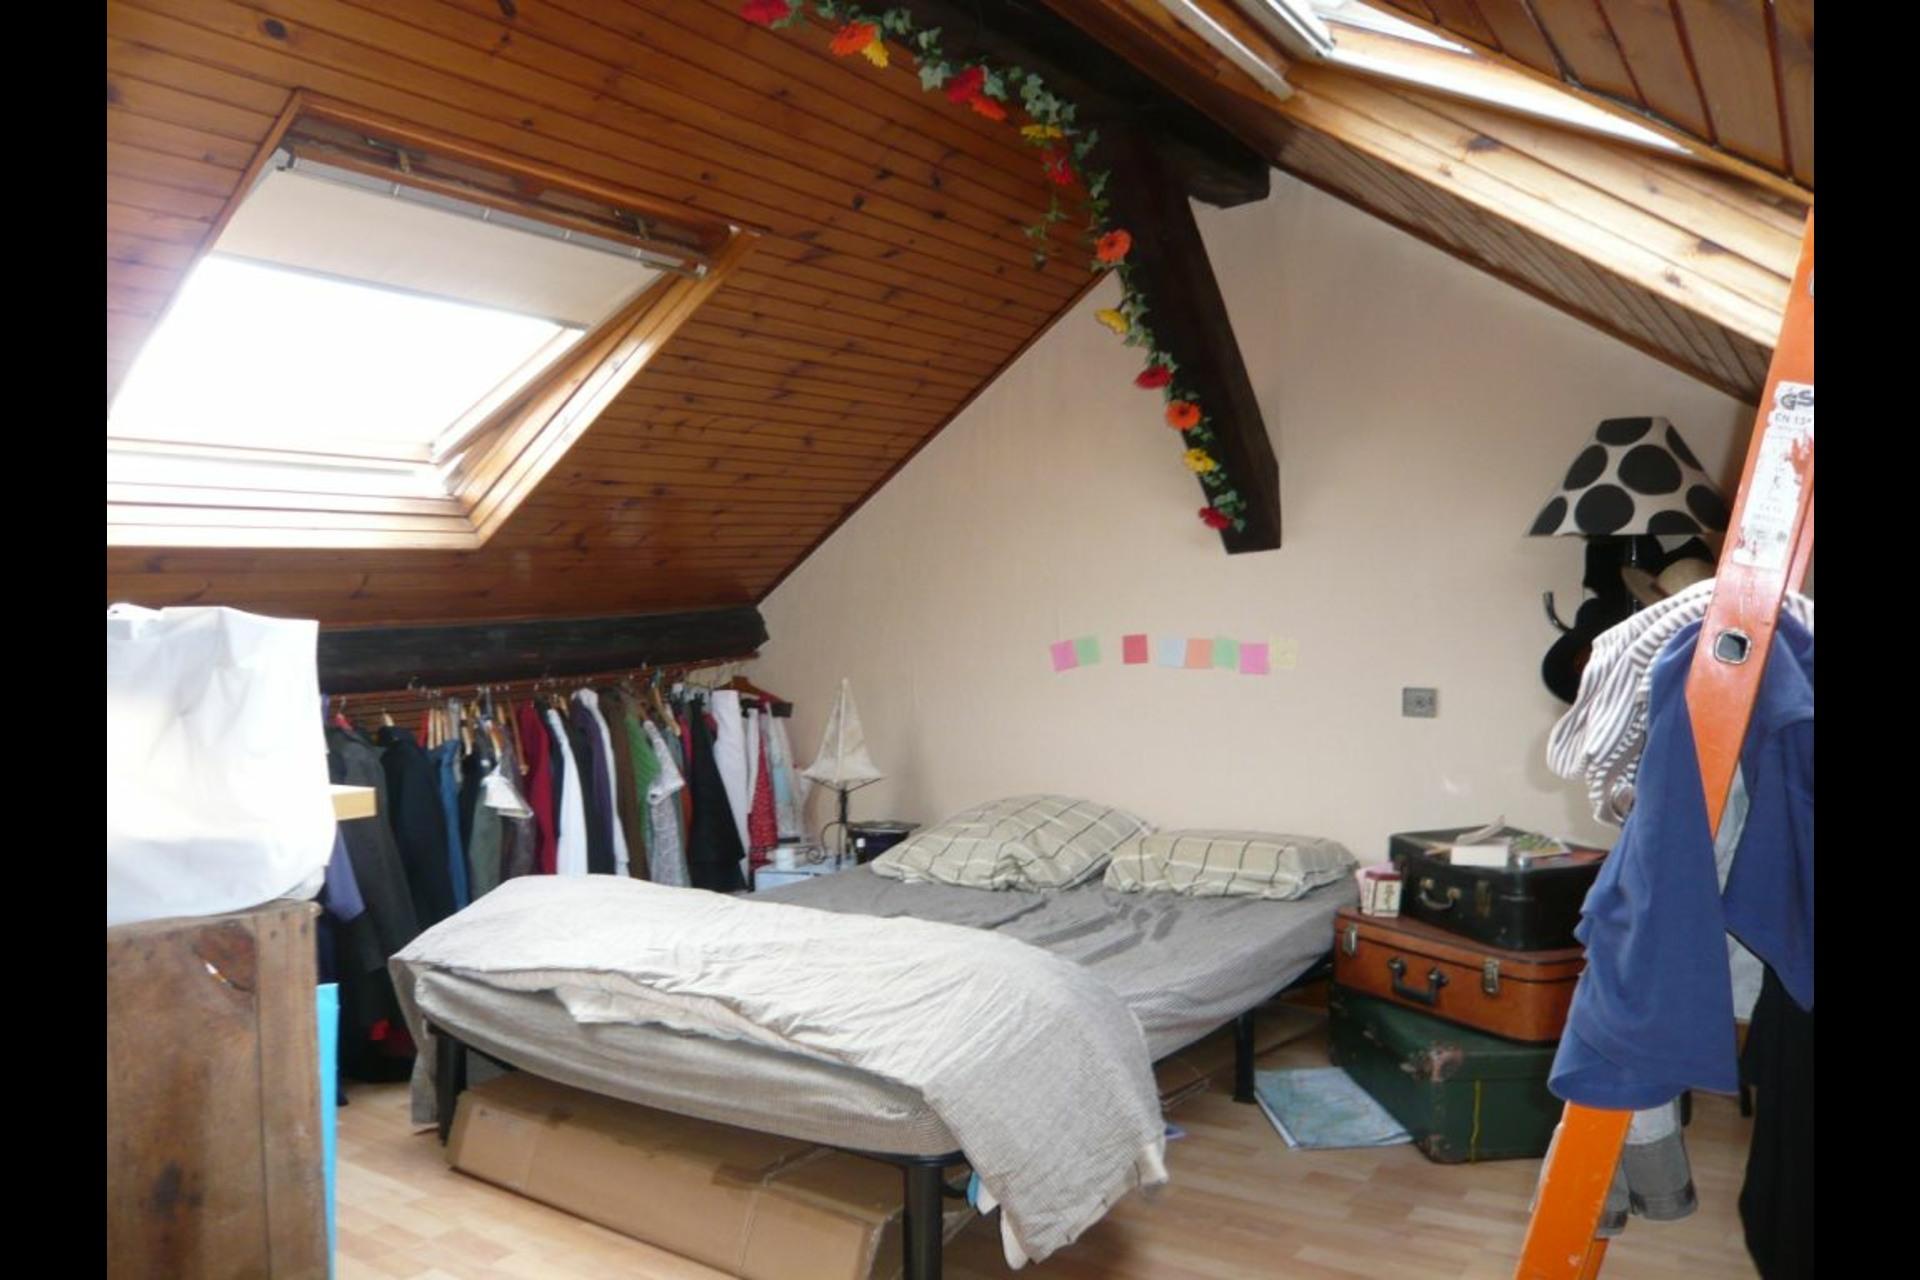 image 4 - Appartement À louer saint germain en laye - 2 pièces